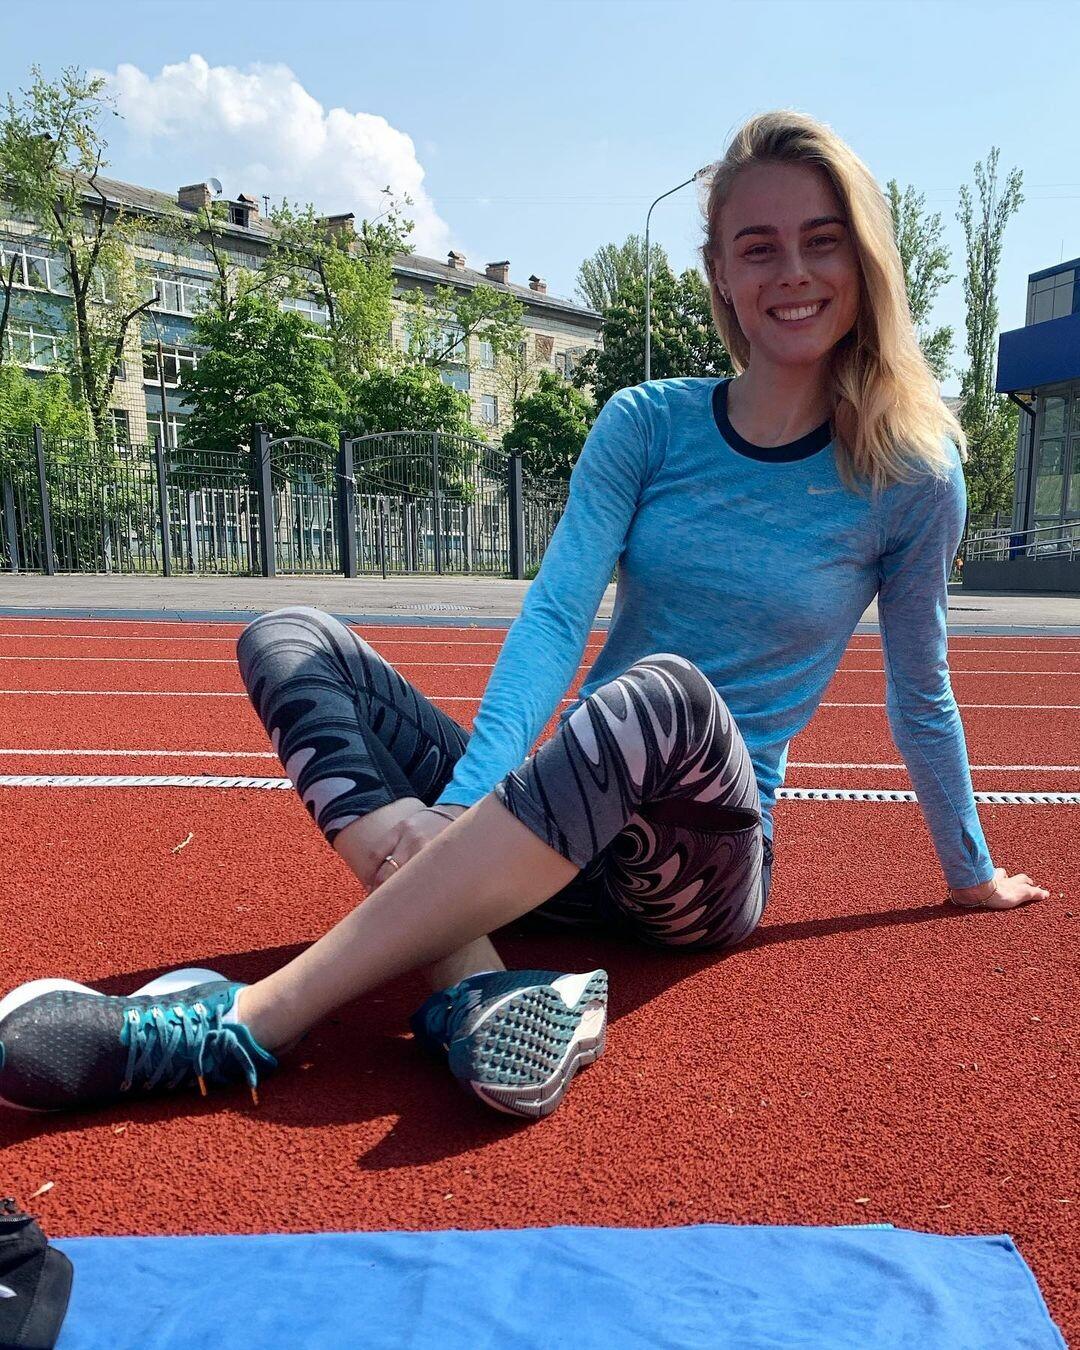 Кто секс-символ украинского спорта: Бех или Левченко